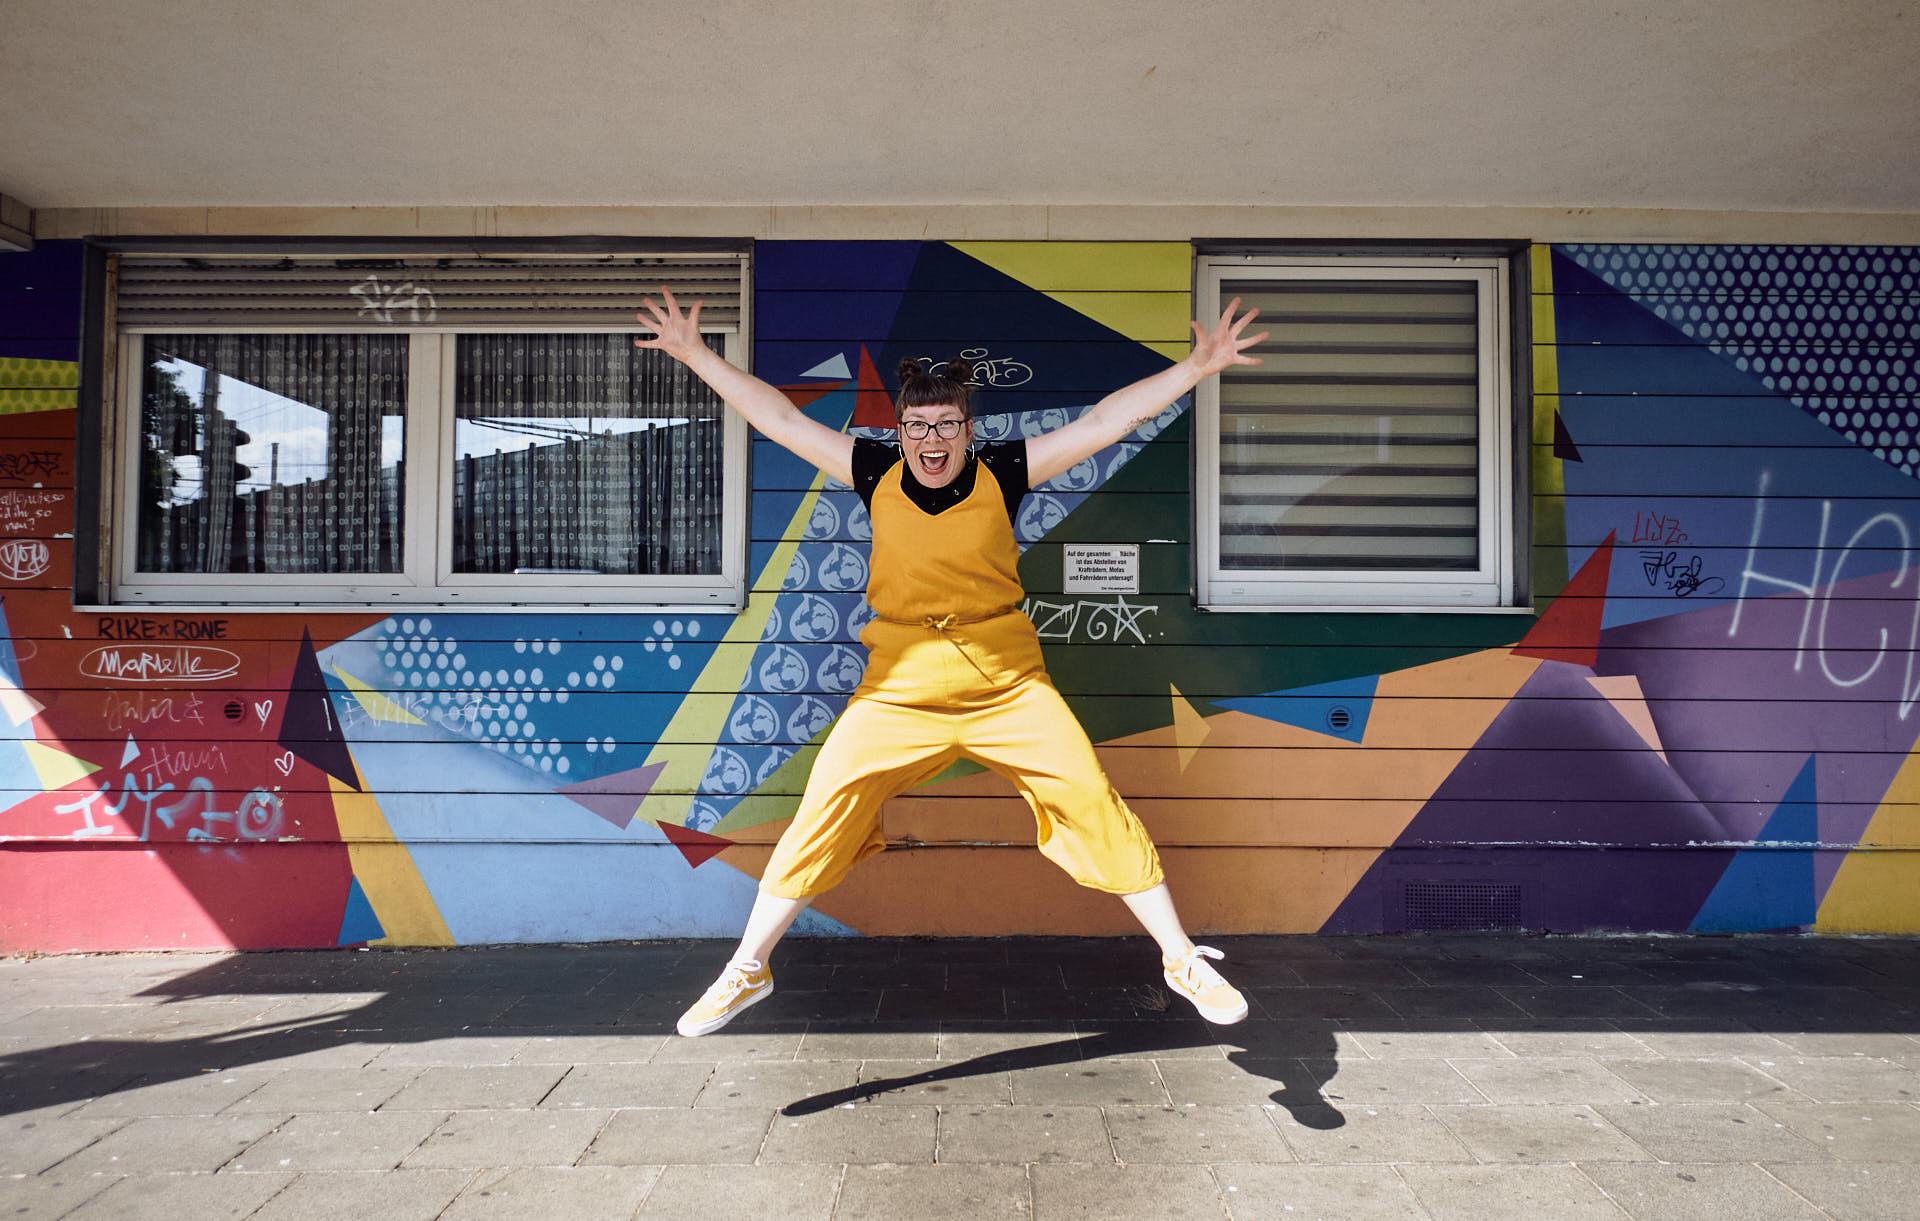 Sängerin Gitte Wolffson springt vor einer bunten Fassade hoch in die Luft